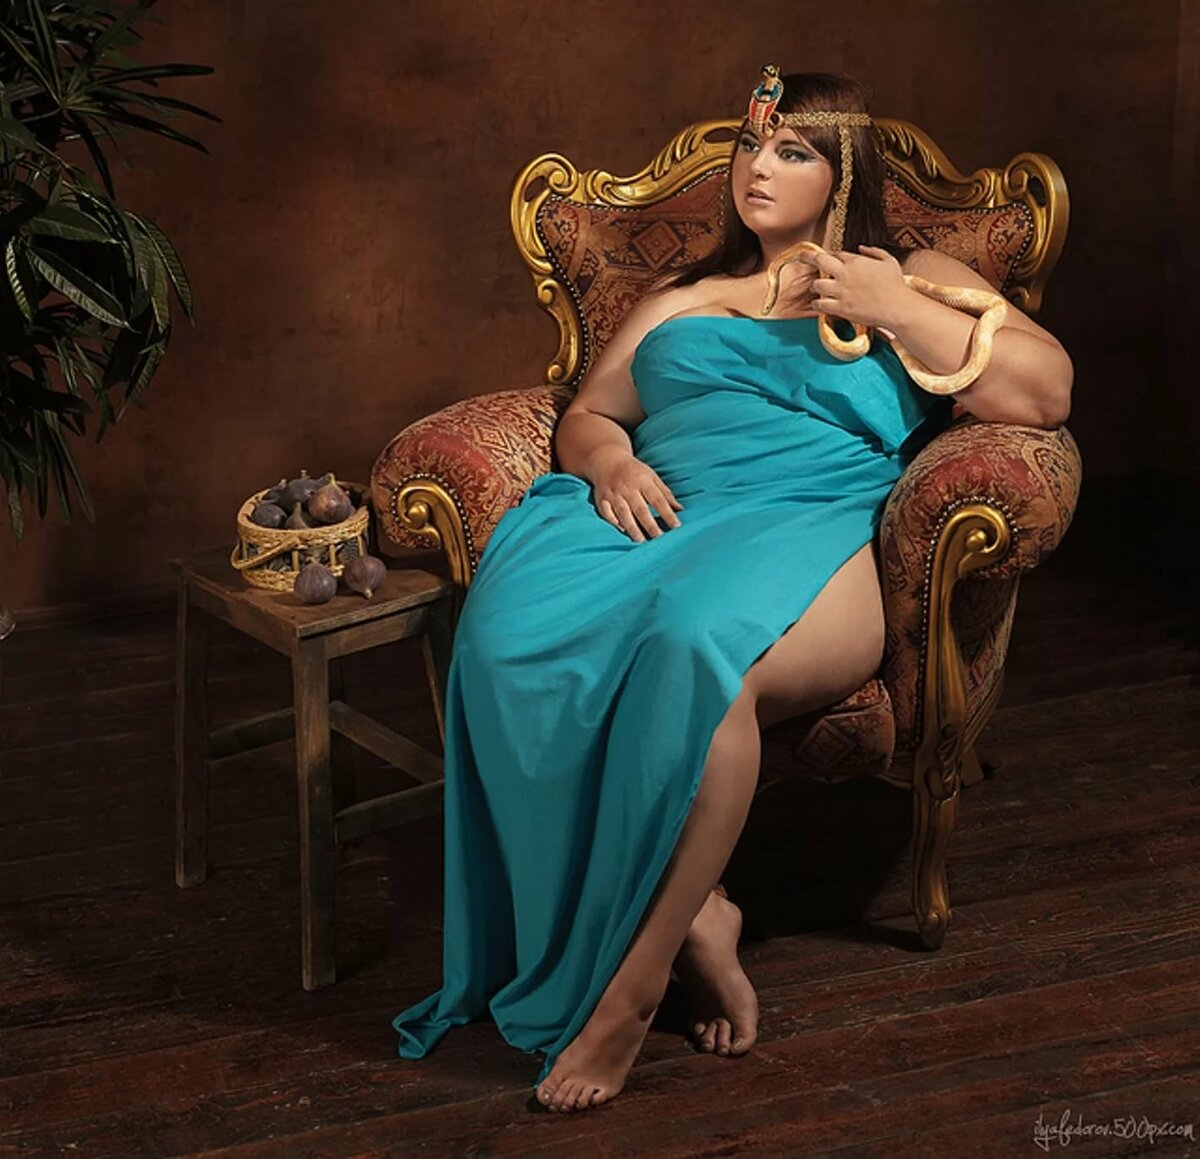 Художественные фотографии пышных дам порно массаж